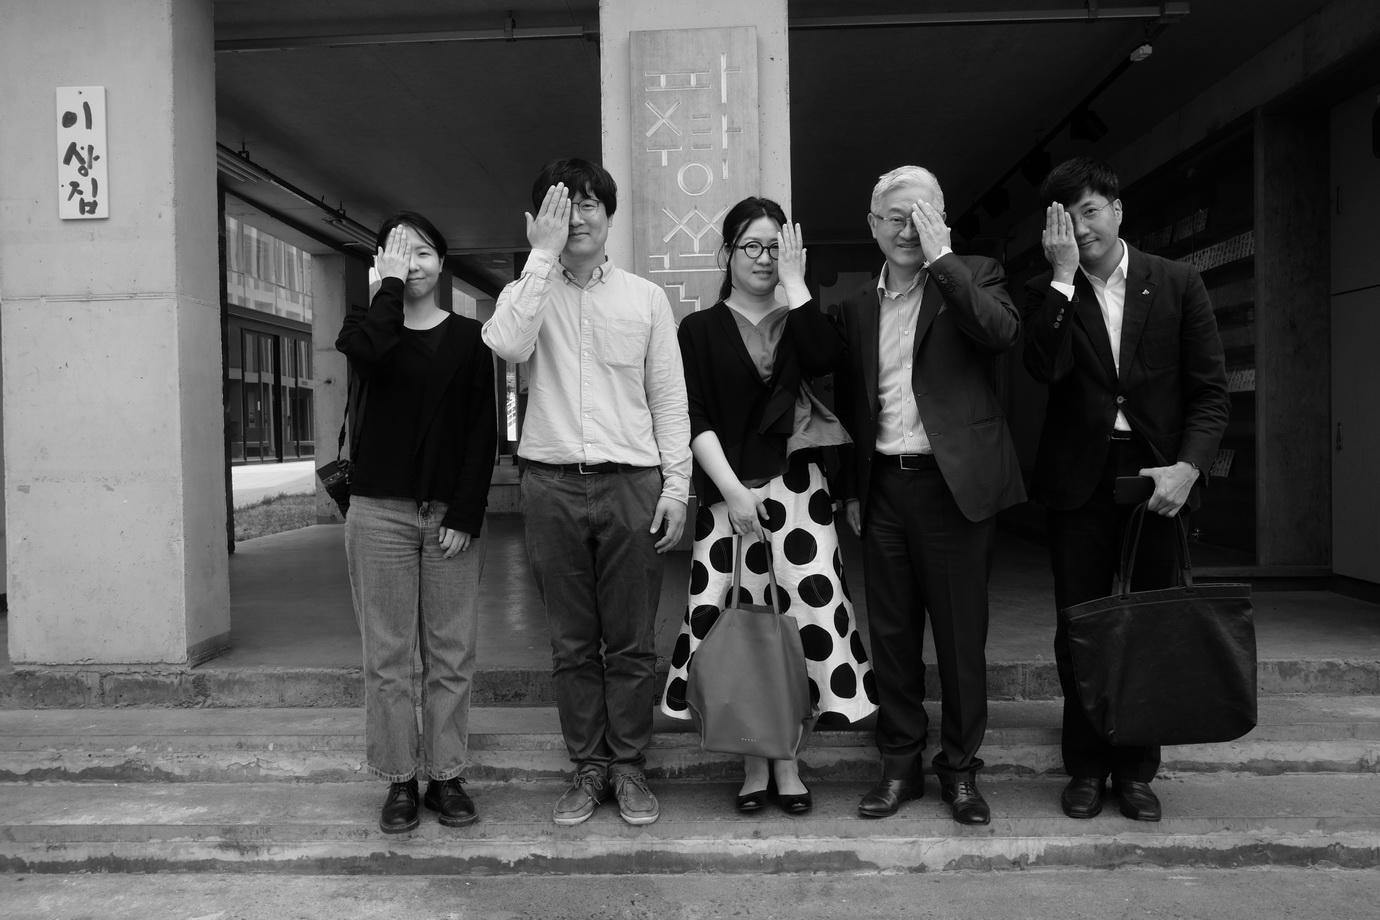 2018-06-20_08 ap 서경배회장_08_resize